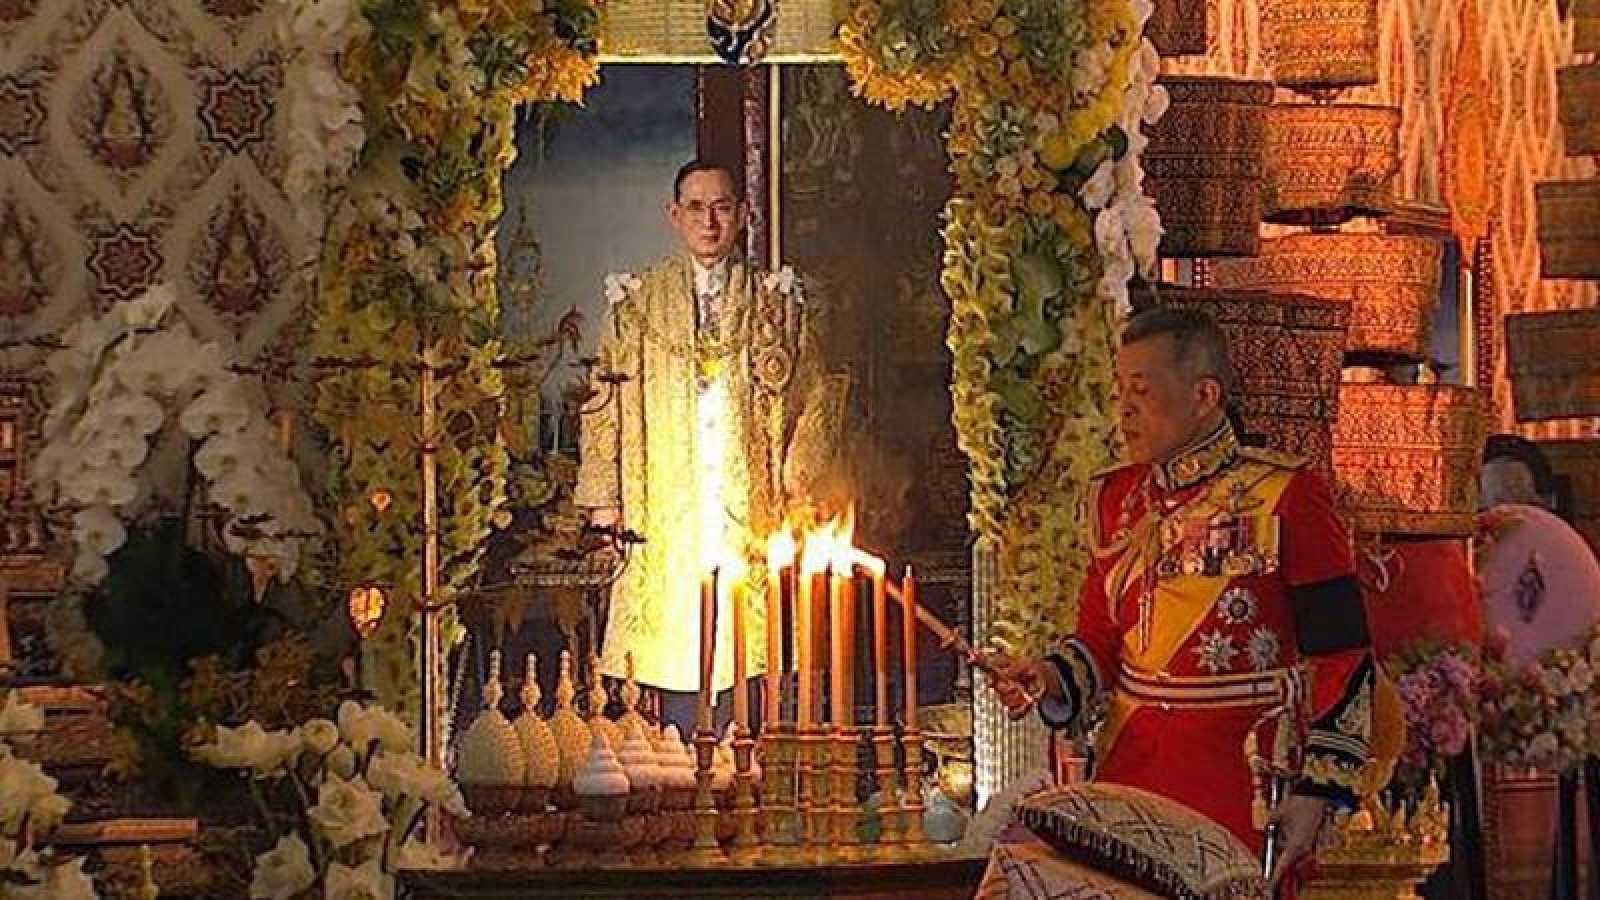 El rey Maha Vajiranlongkorn enciende una vela en honor a su padre, el rey Bhumibol